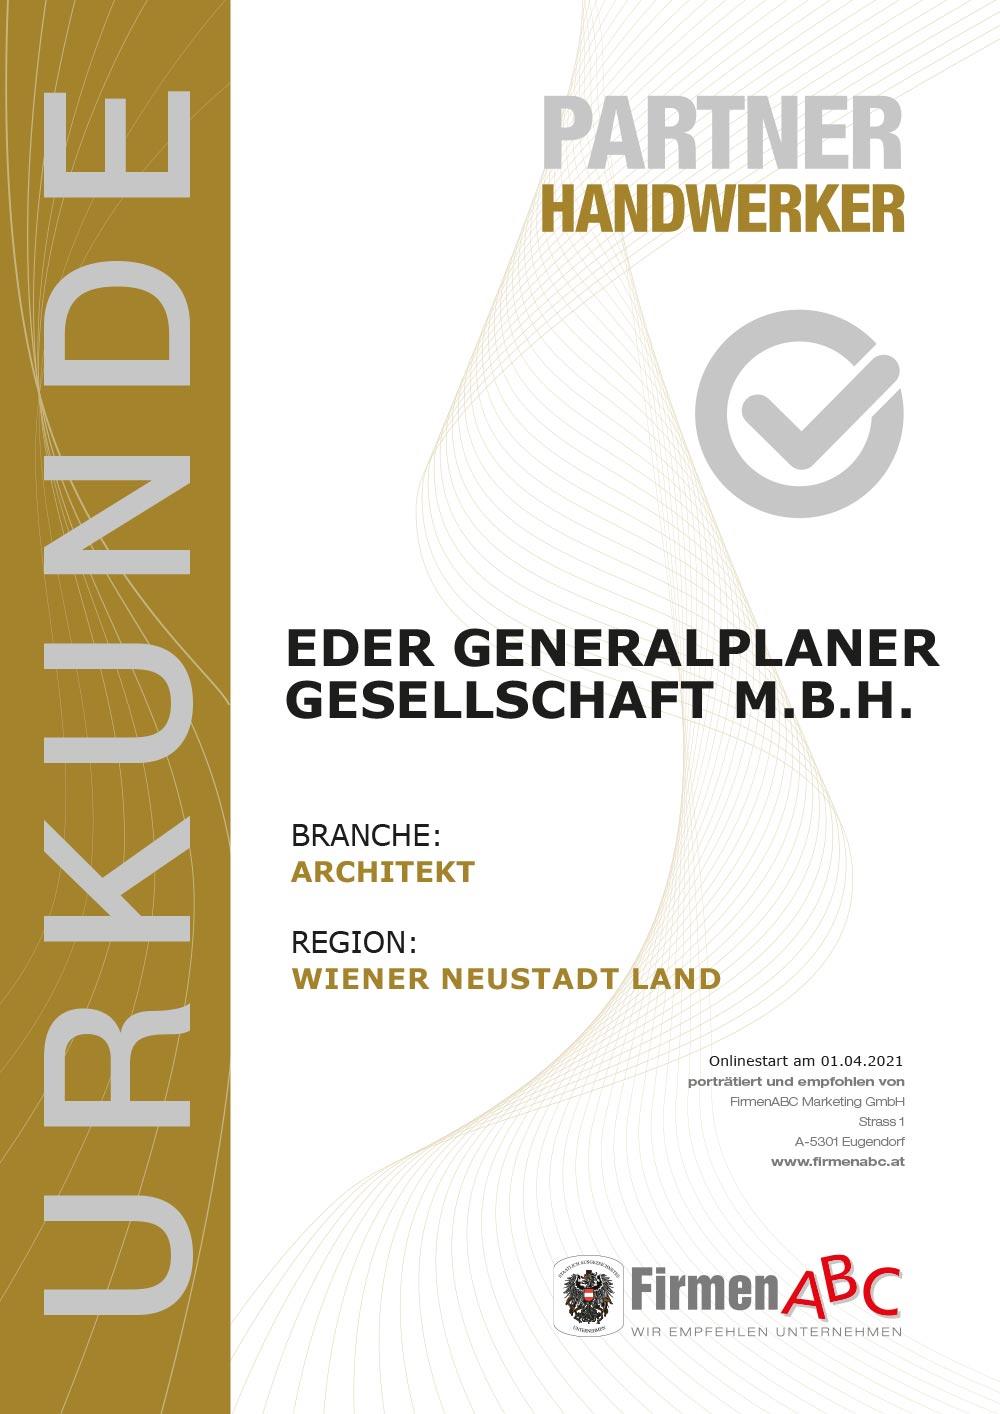 Urkunde Partner Handwerker Eder Generalplaner, empfohlen von FirmenABC